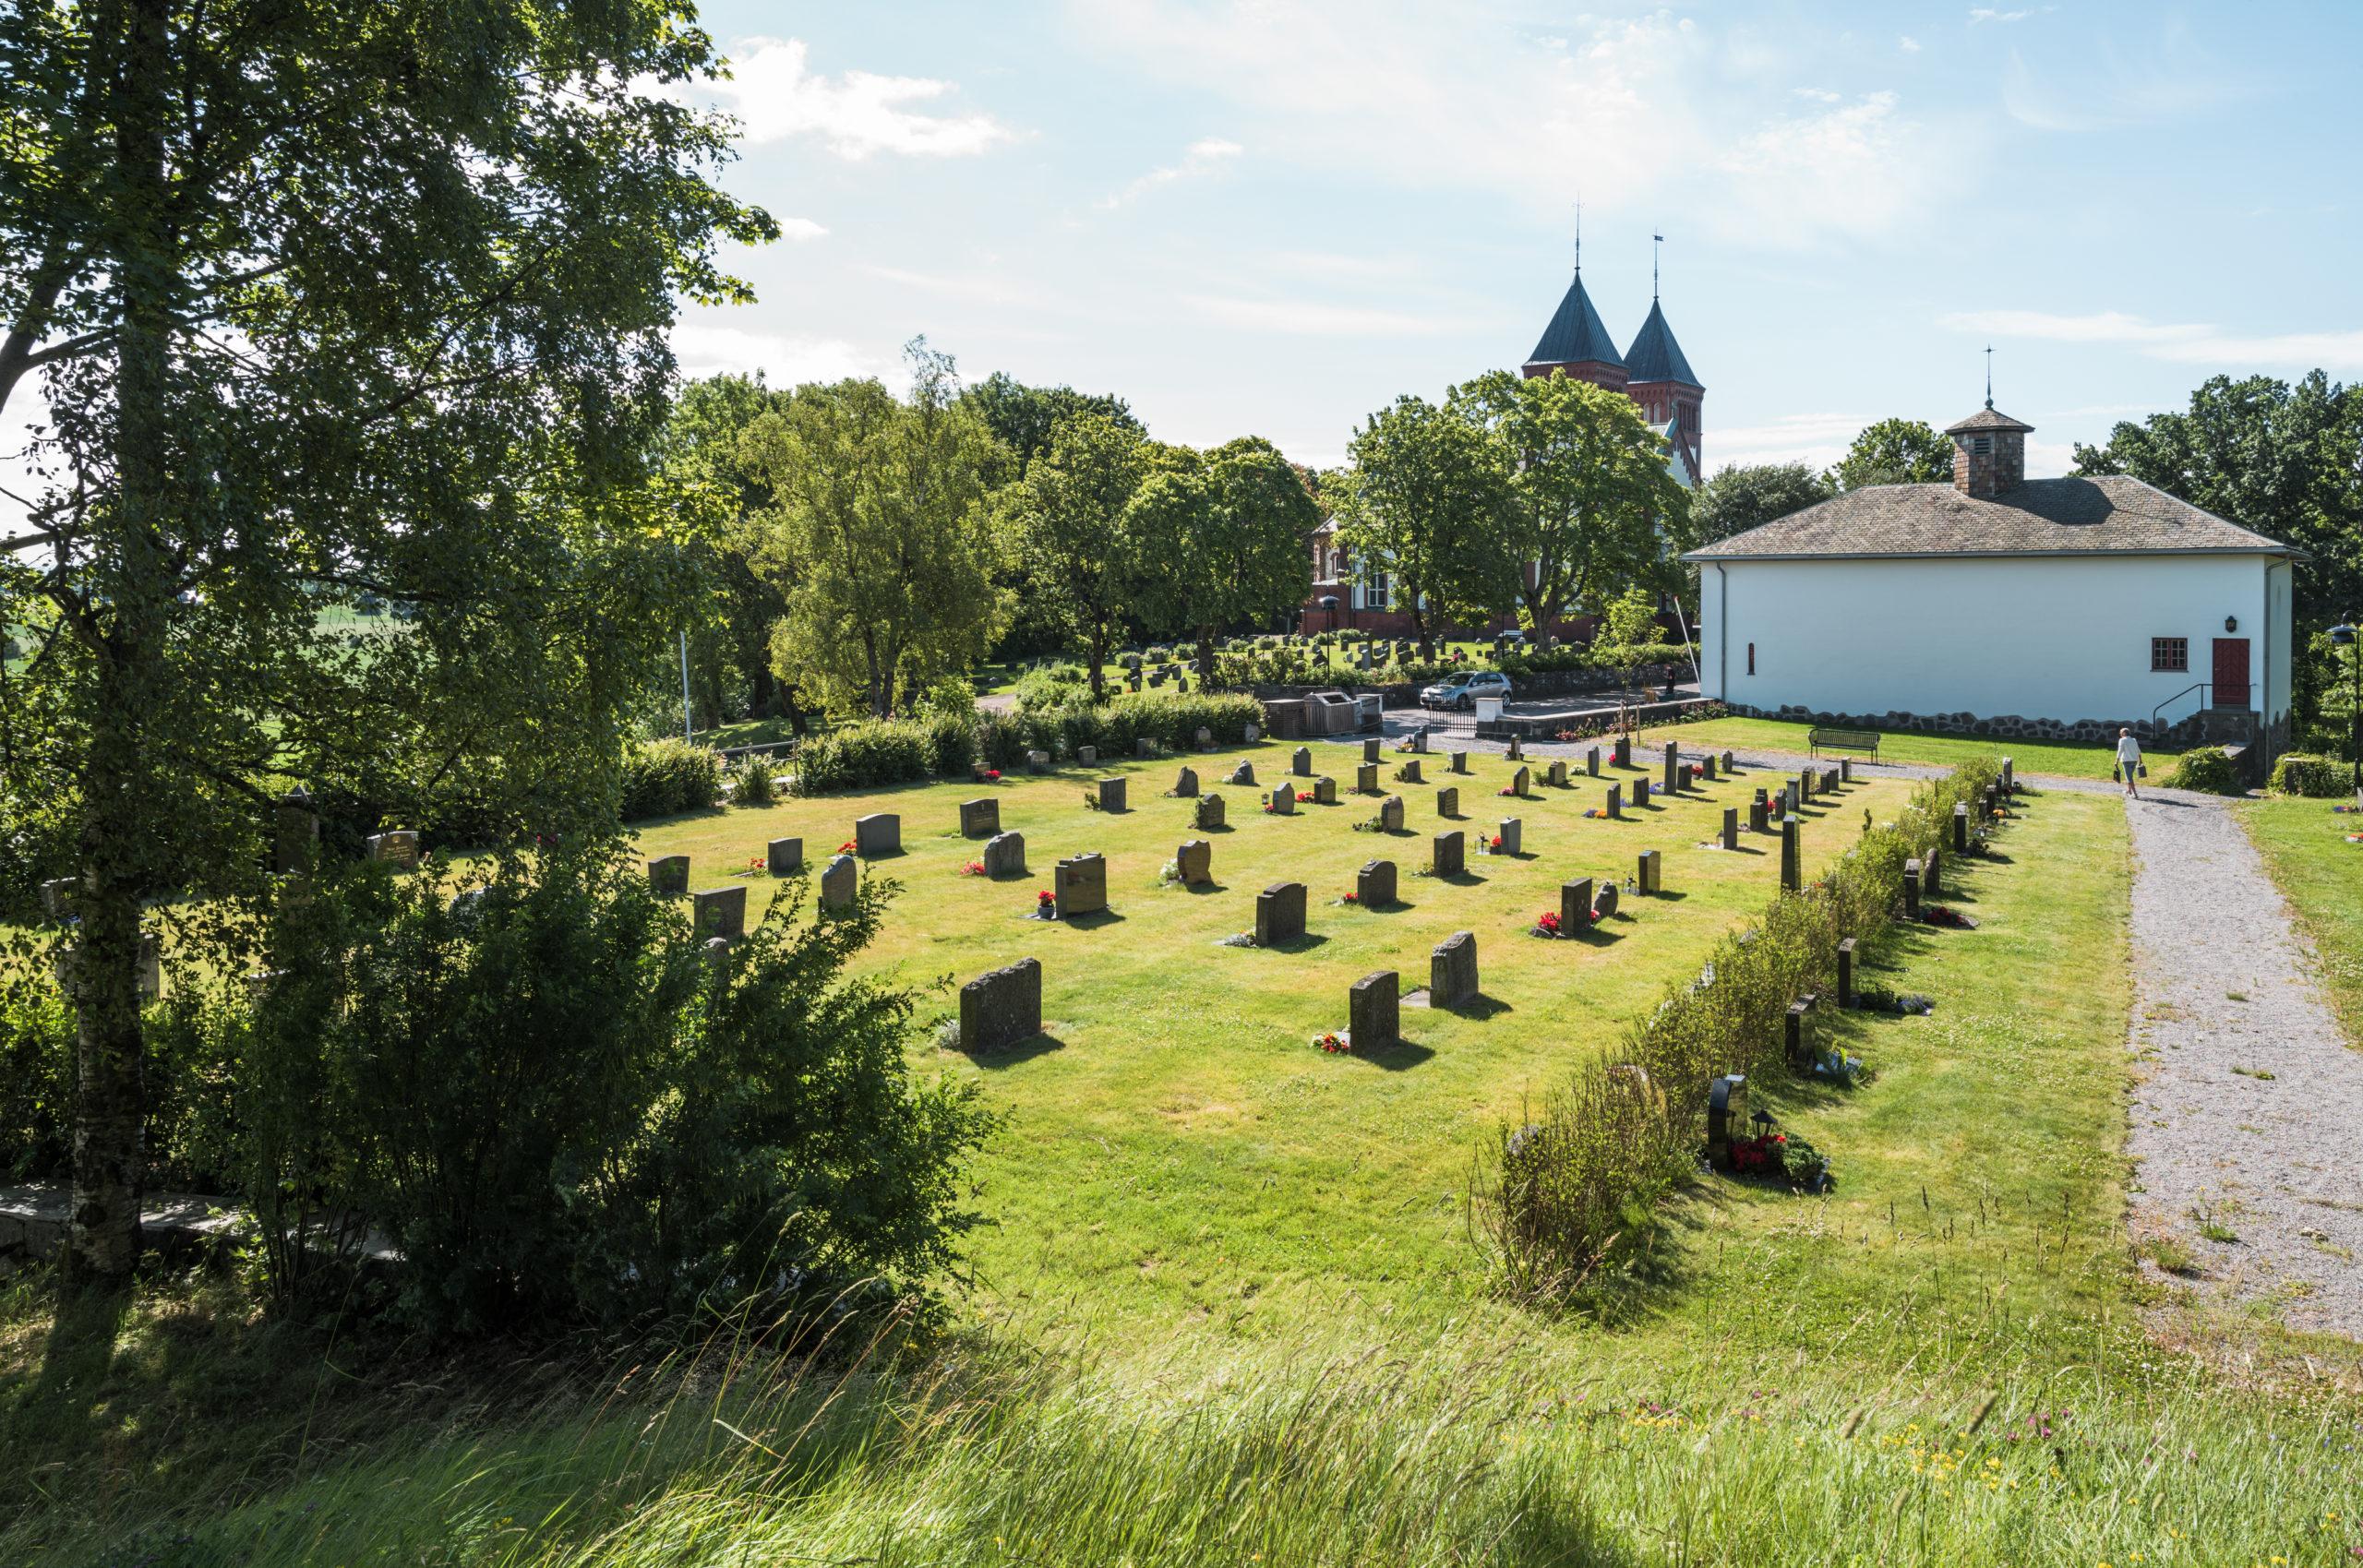 Slagen kirkegård